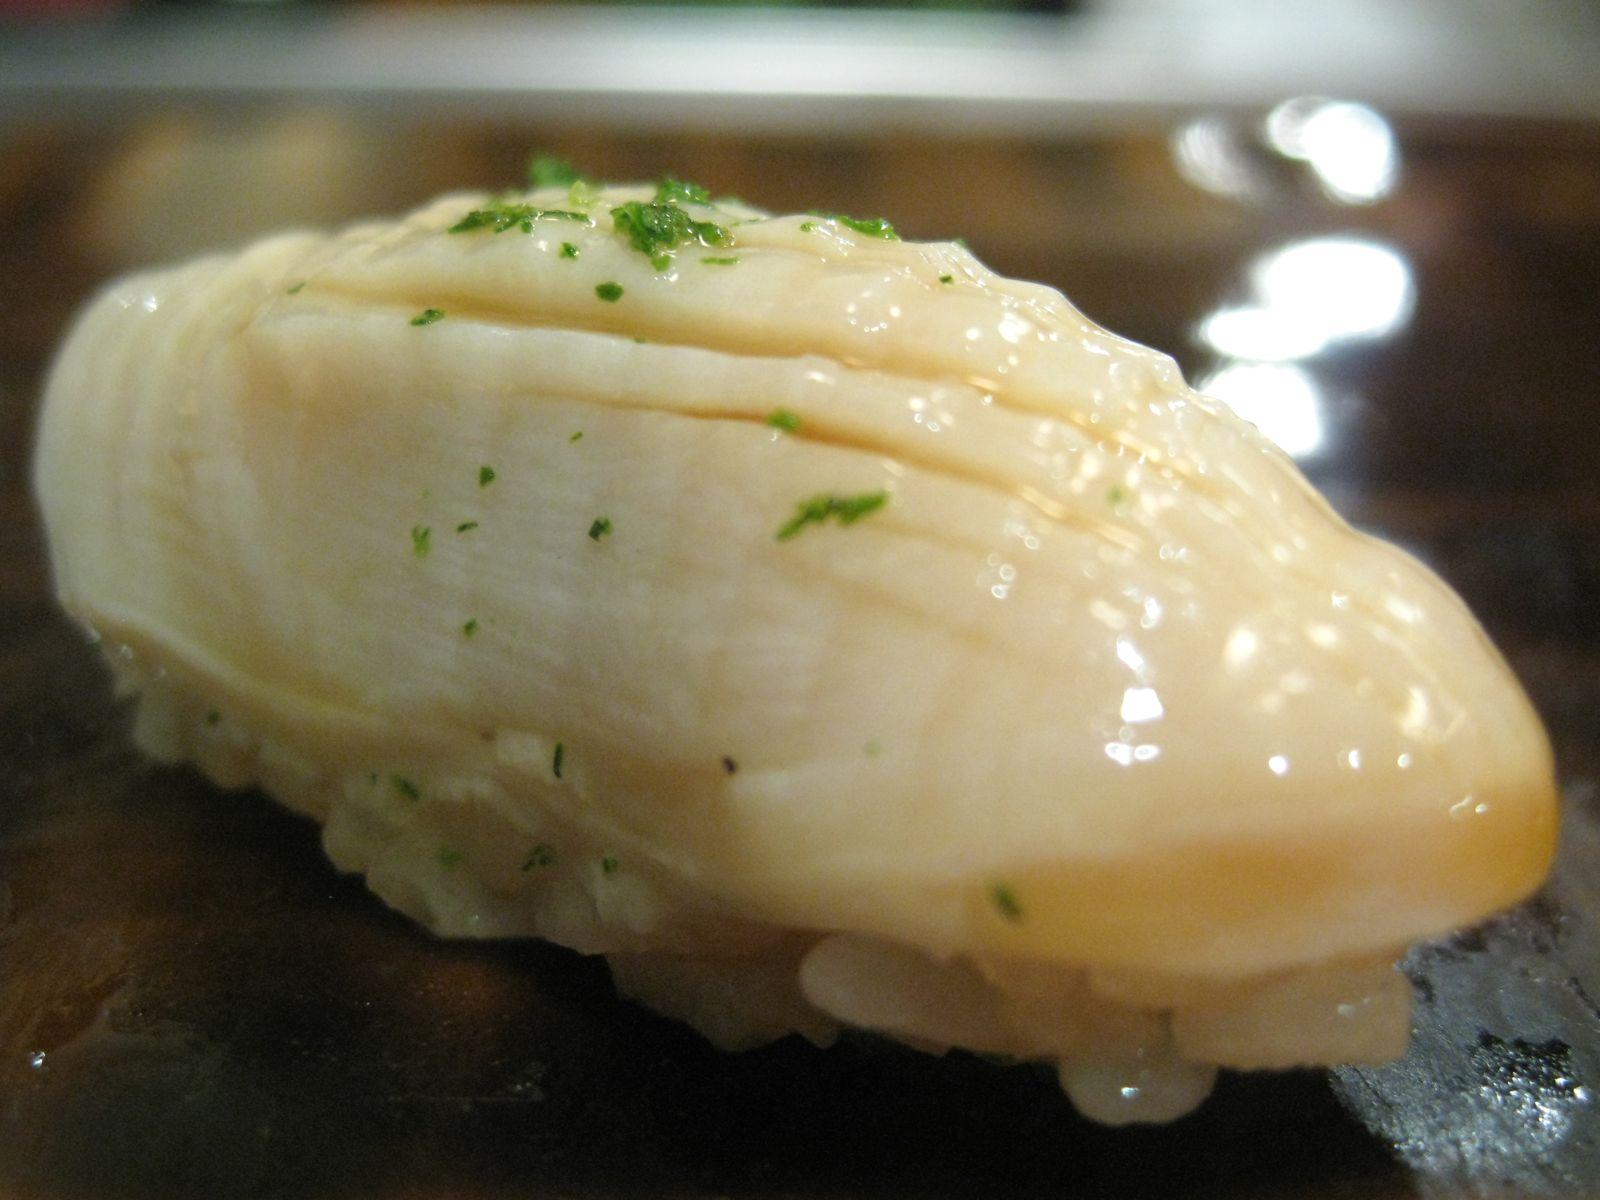 Chiba abalone